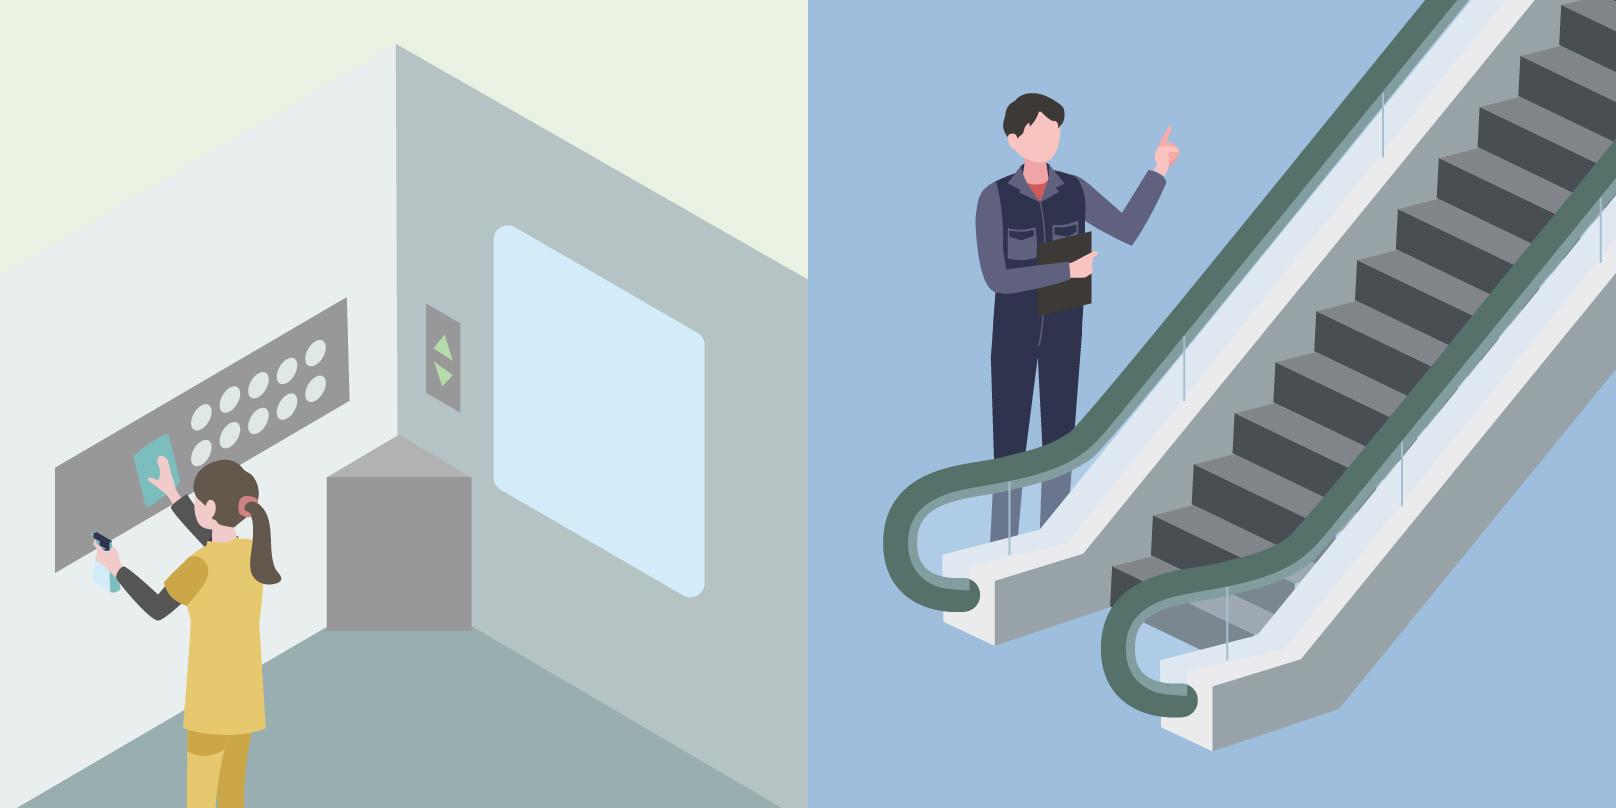 左部分では従業員の方がエレベーターの清掃をしており、右部分では従業員の方がエスカレーターの点検を行っている